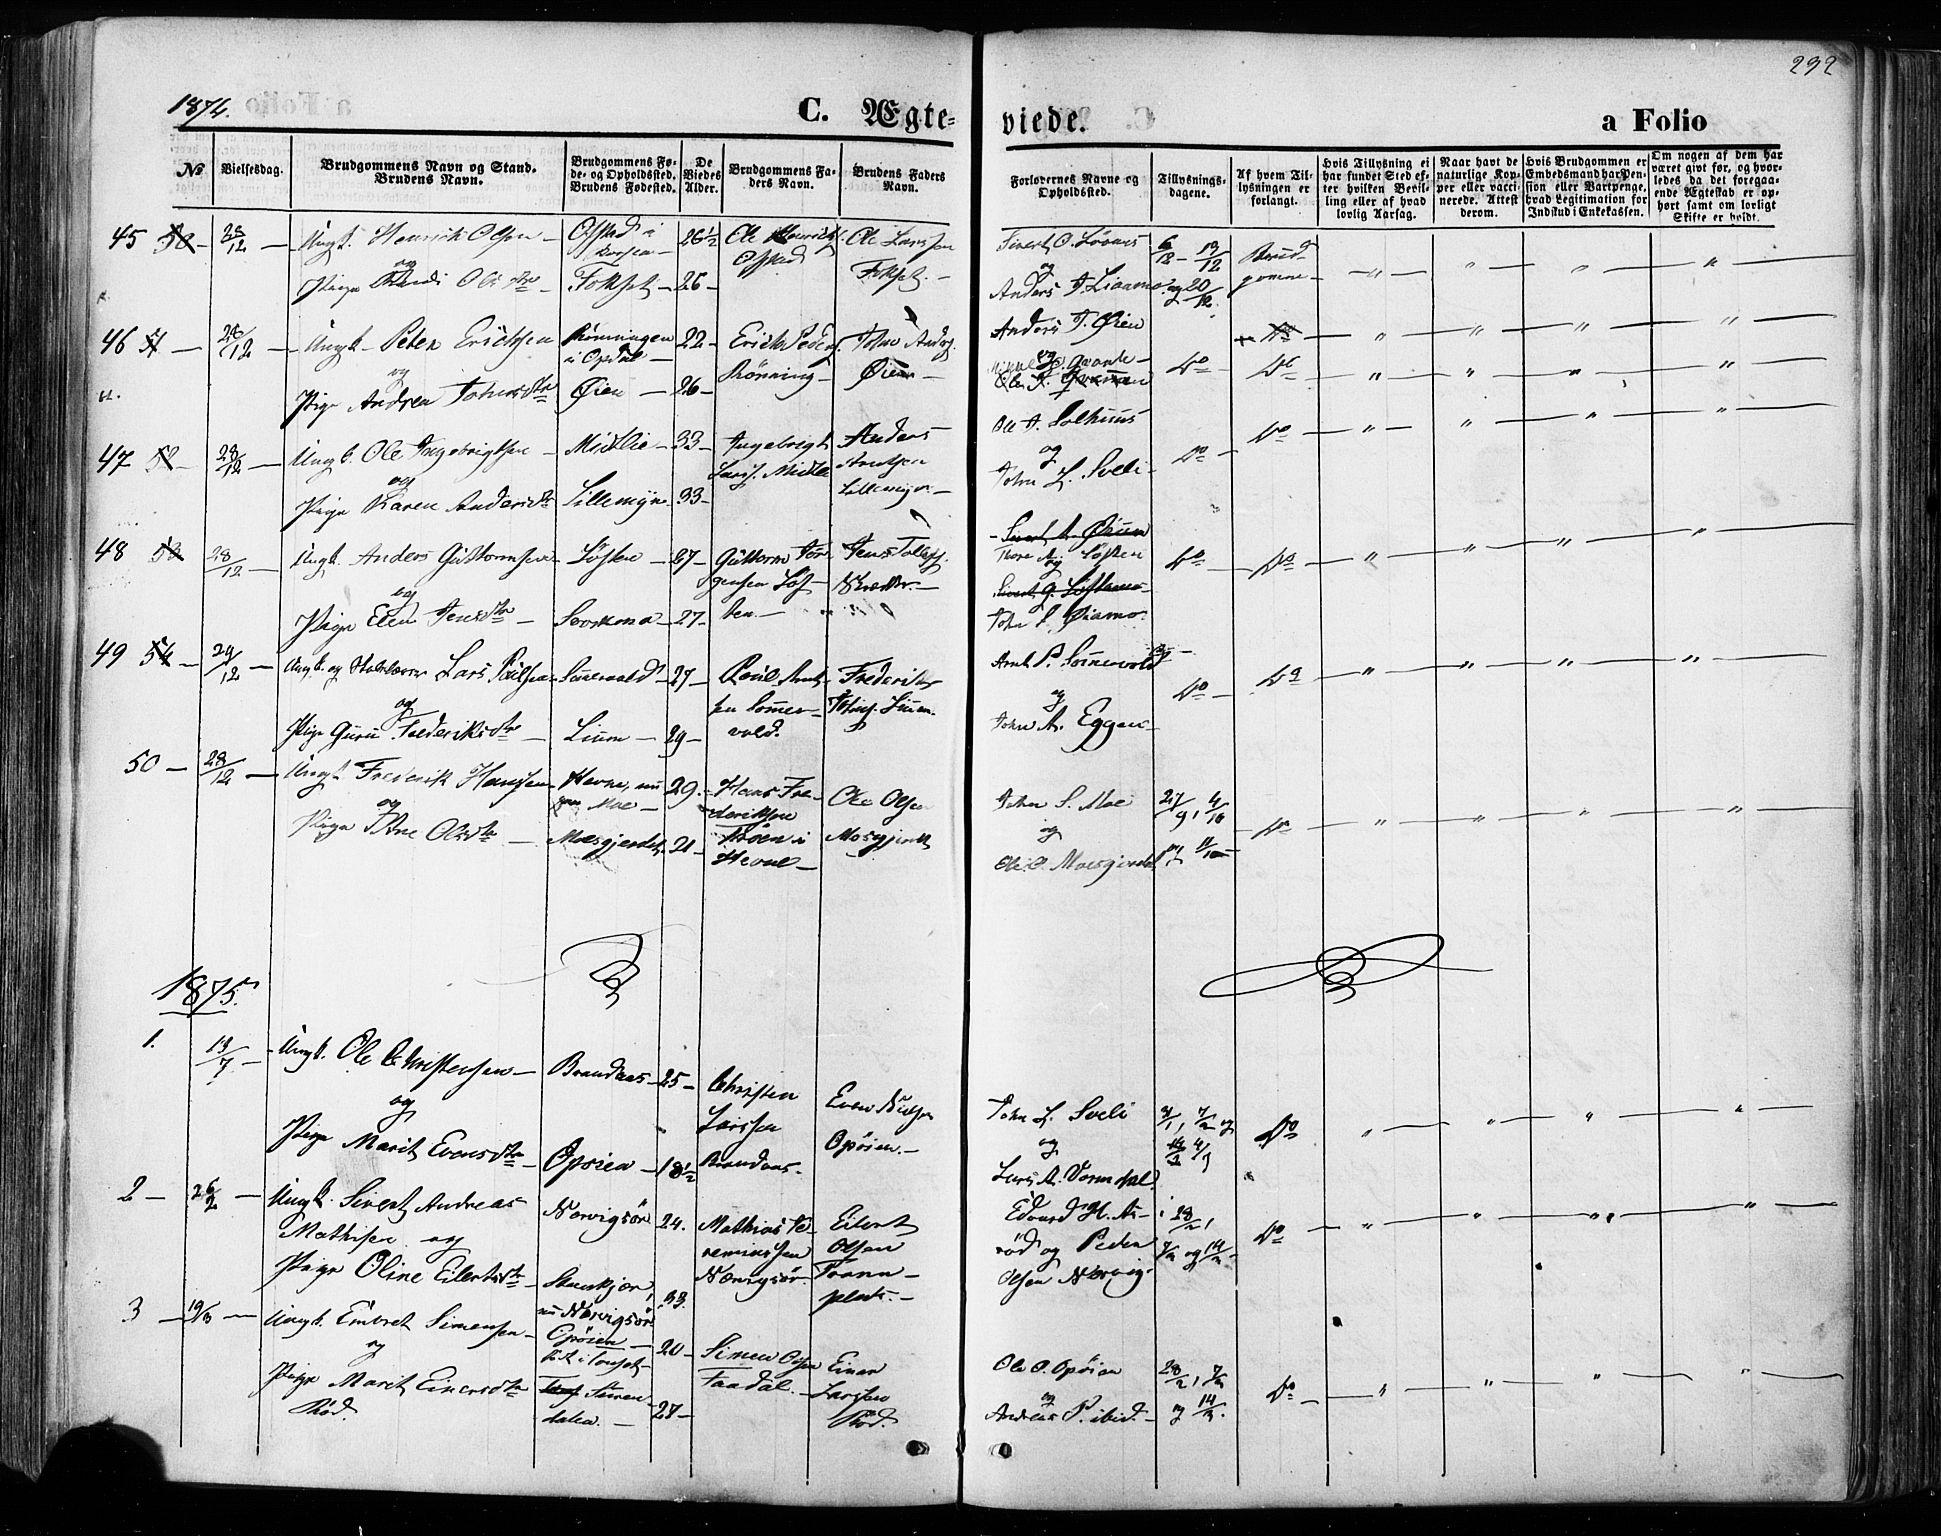 SAT, Ministerialprotokoller, klokkerbøker og fødselsregistre - Sør-Trøndelag, 668/L0807: Ministerialbok nr. 668A07, 1870-1880, s. 292